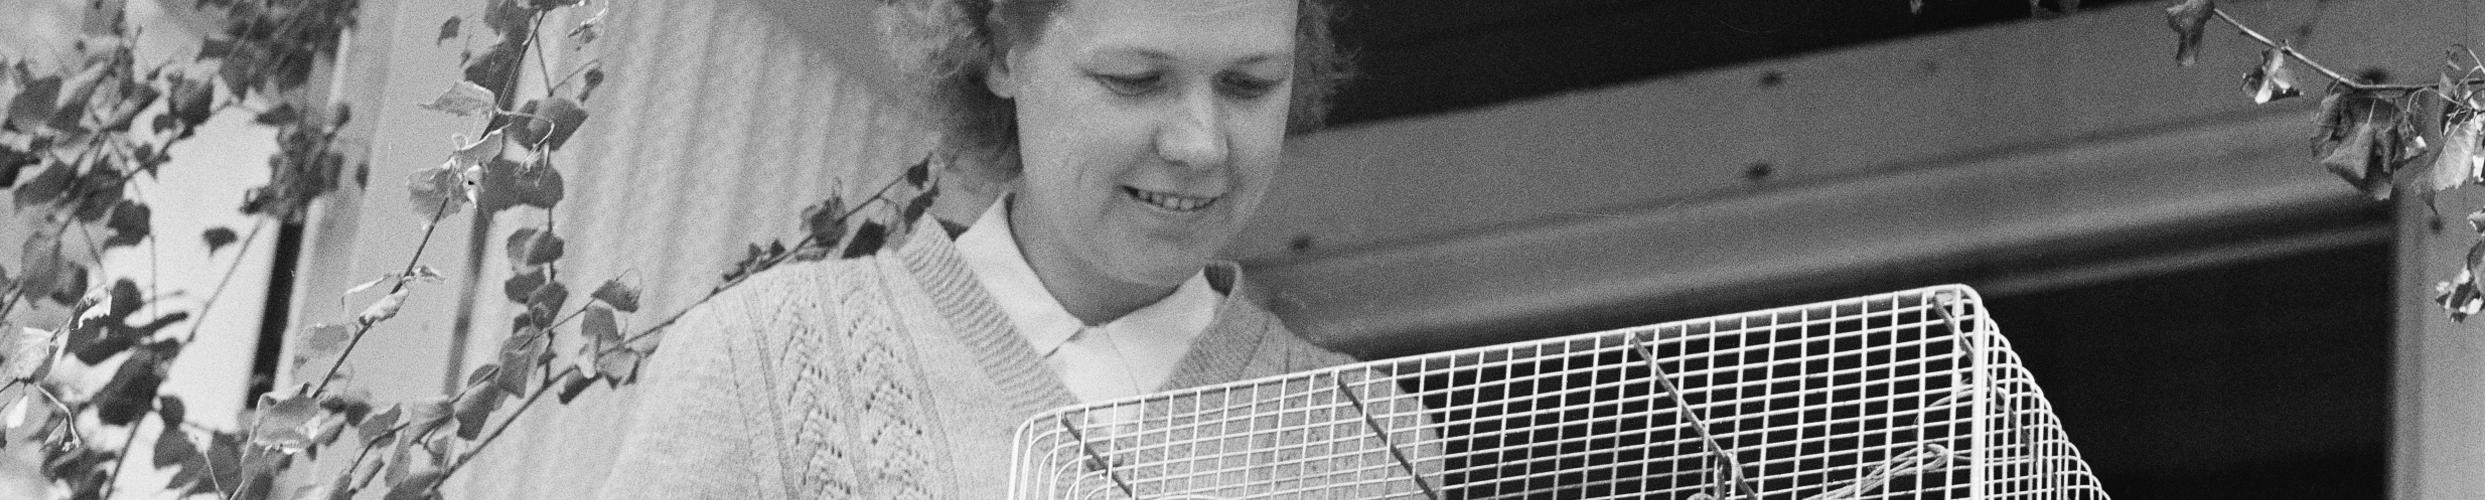 Bild på kvinna och bur med fåglar.